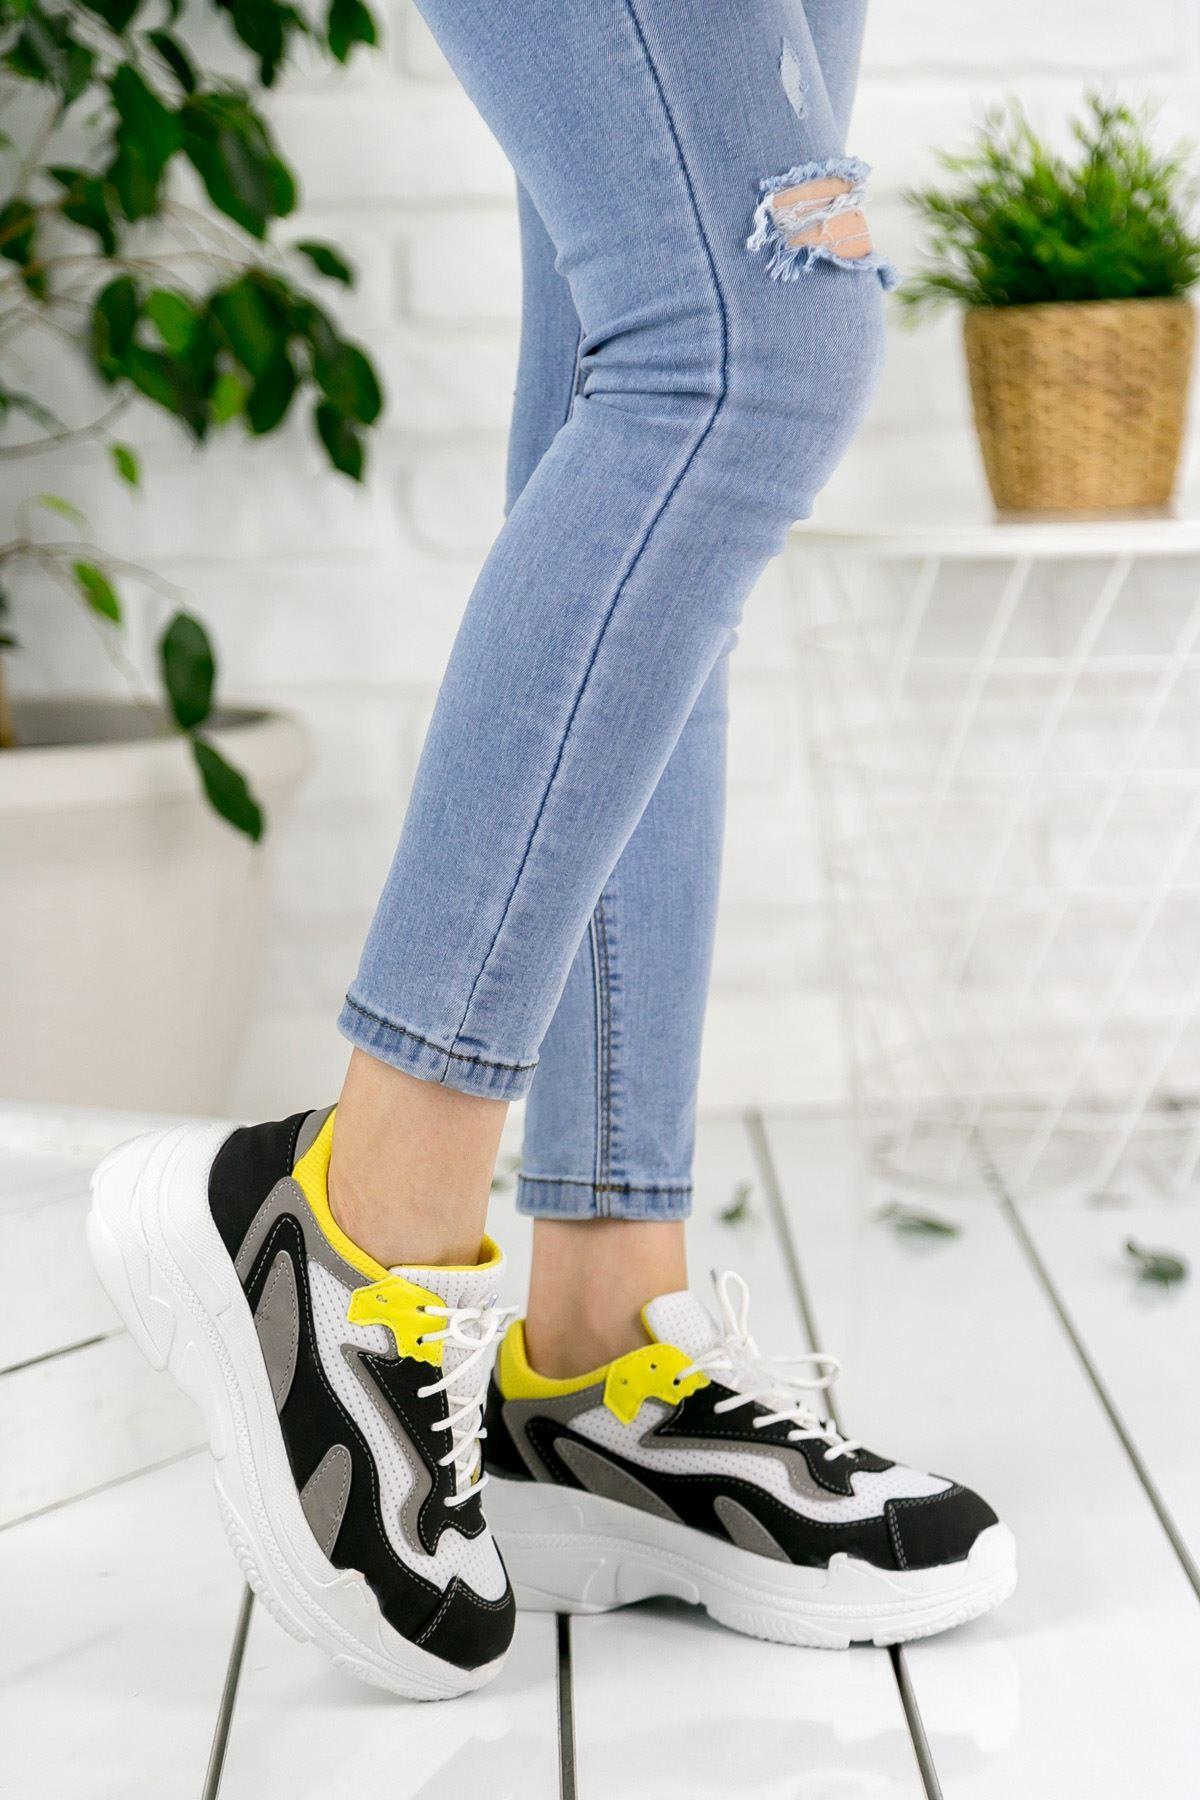 Qeyna Ortapedik Yüksek Taban Spor Ayakkabı